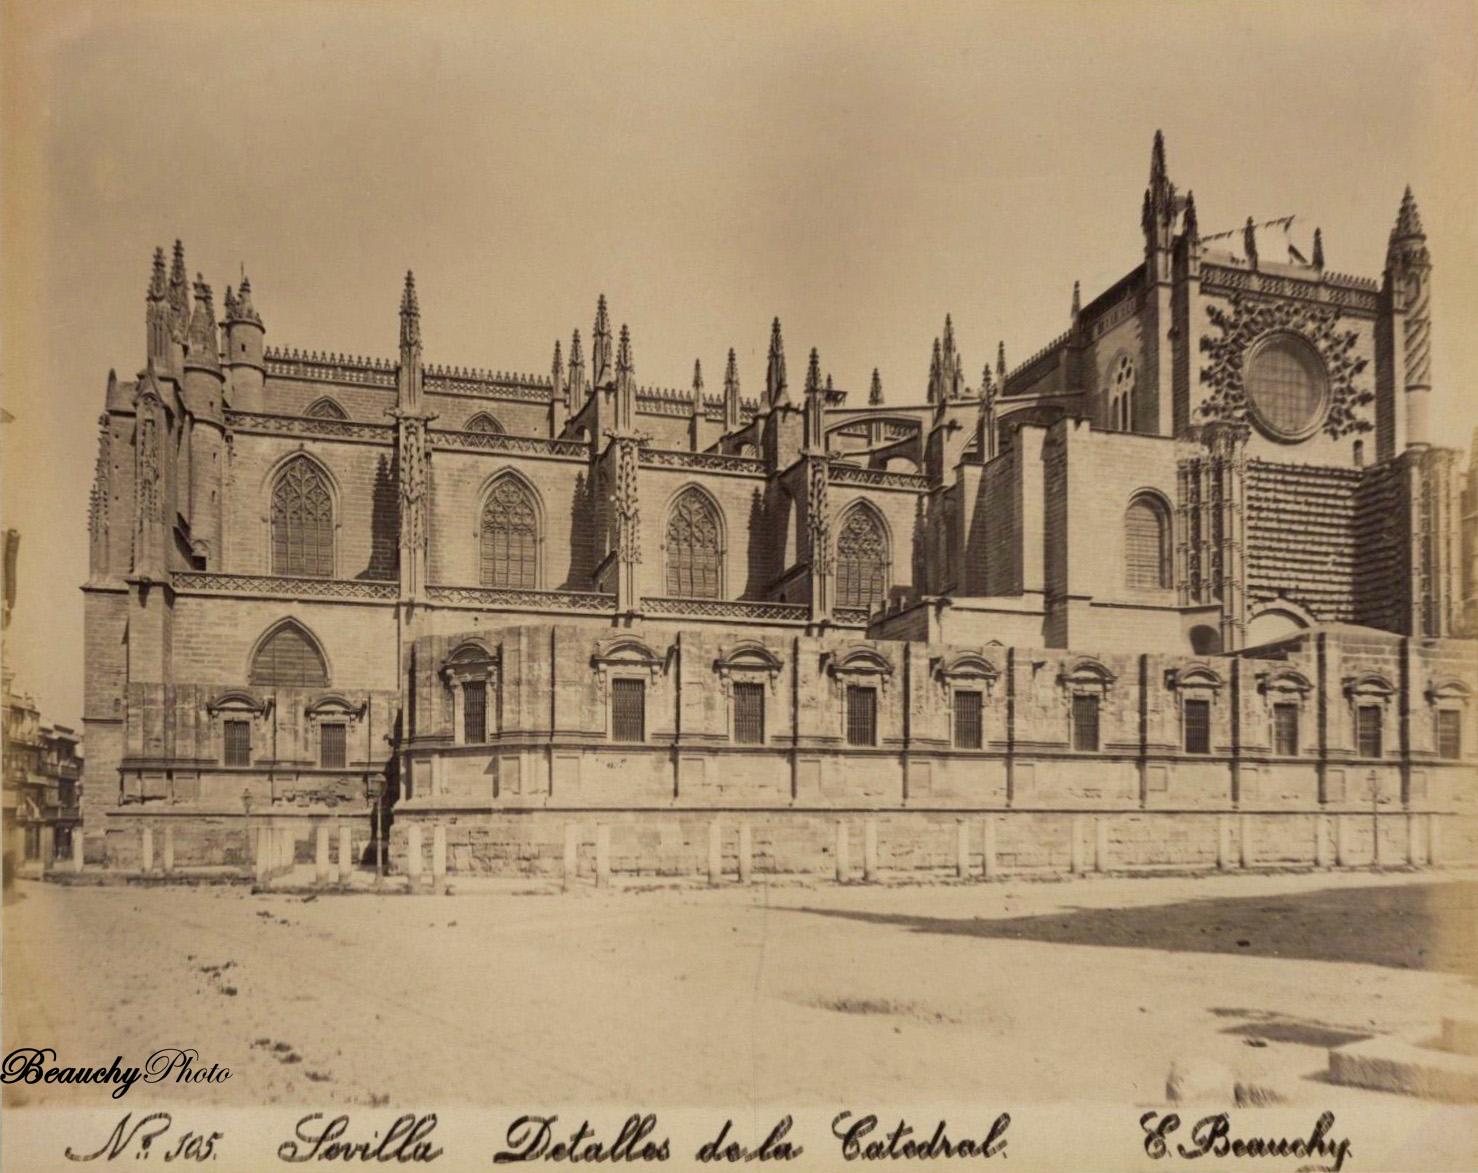 Detalles de la Catedral de Sevilla